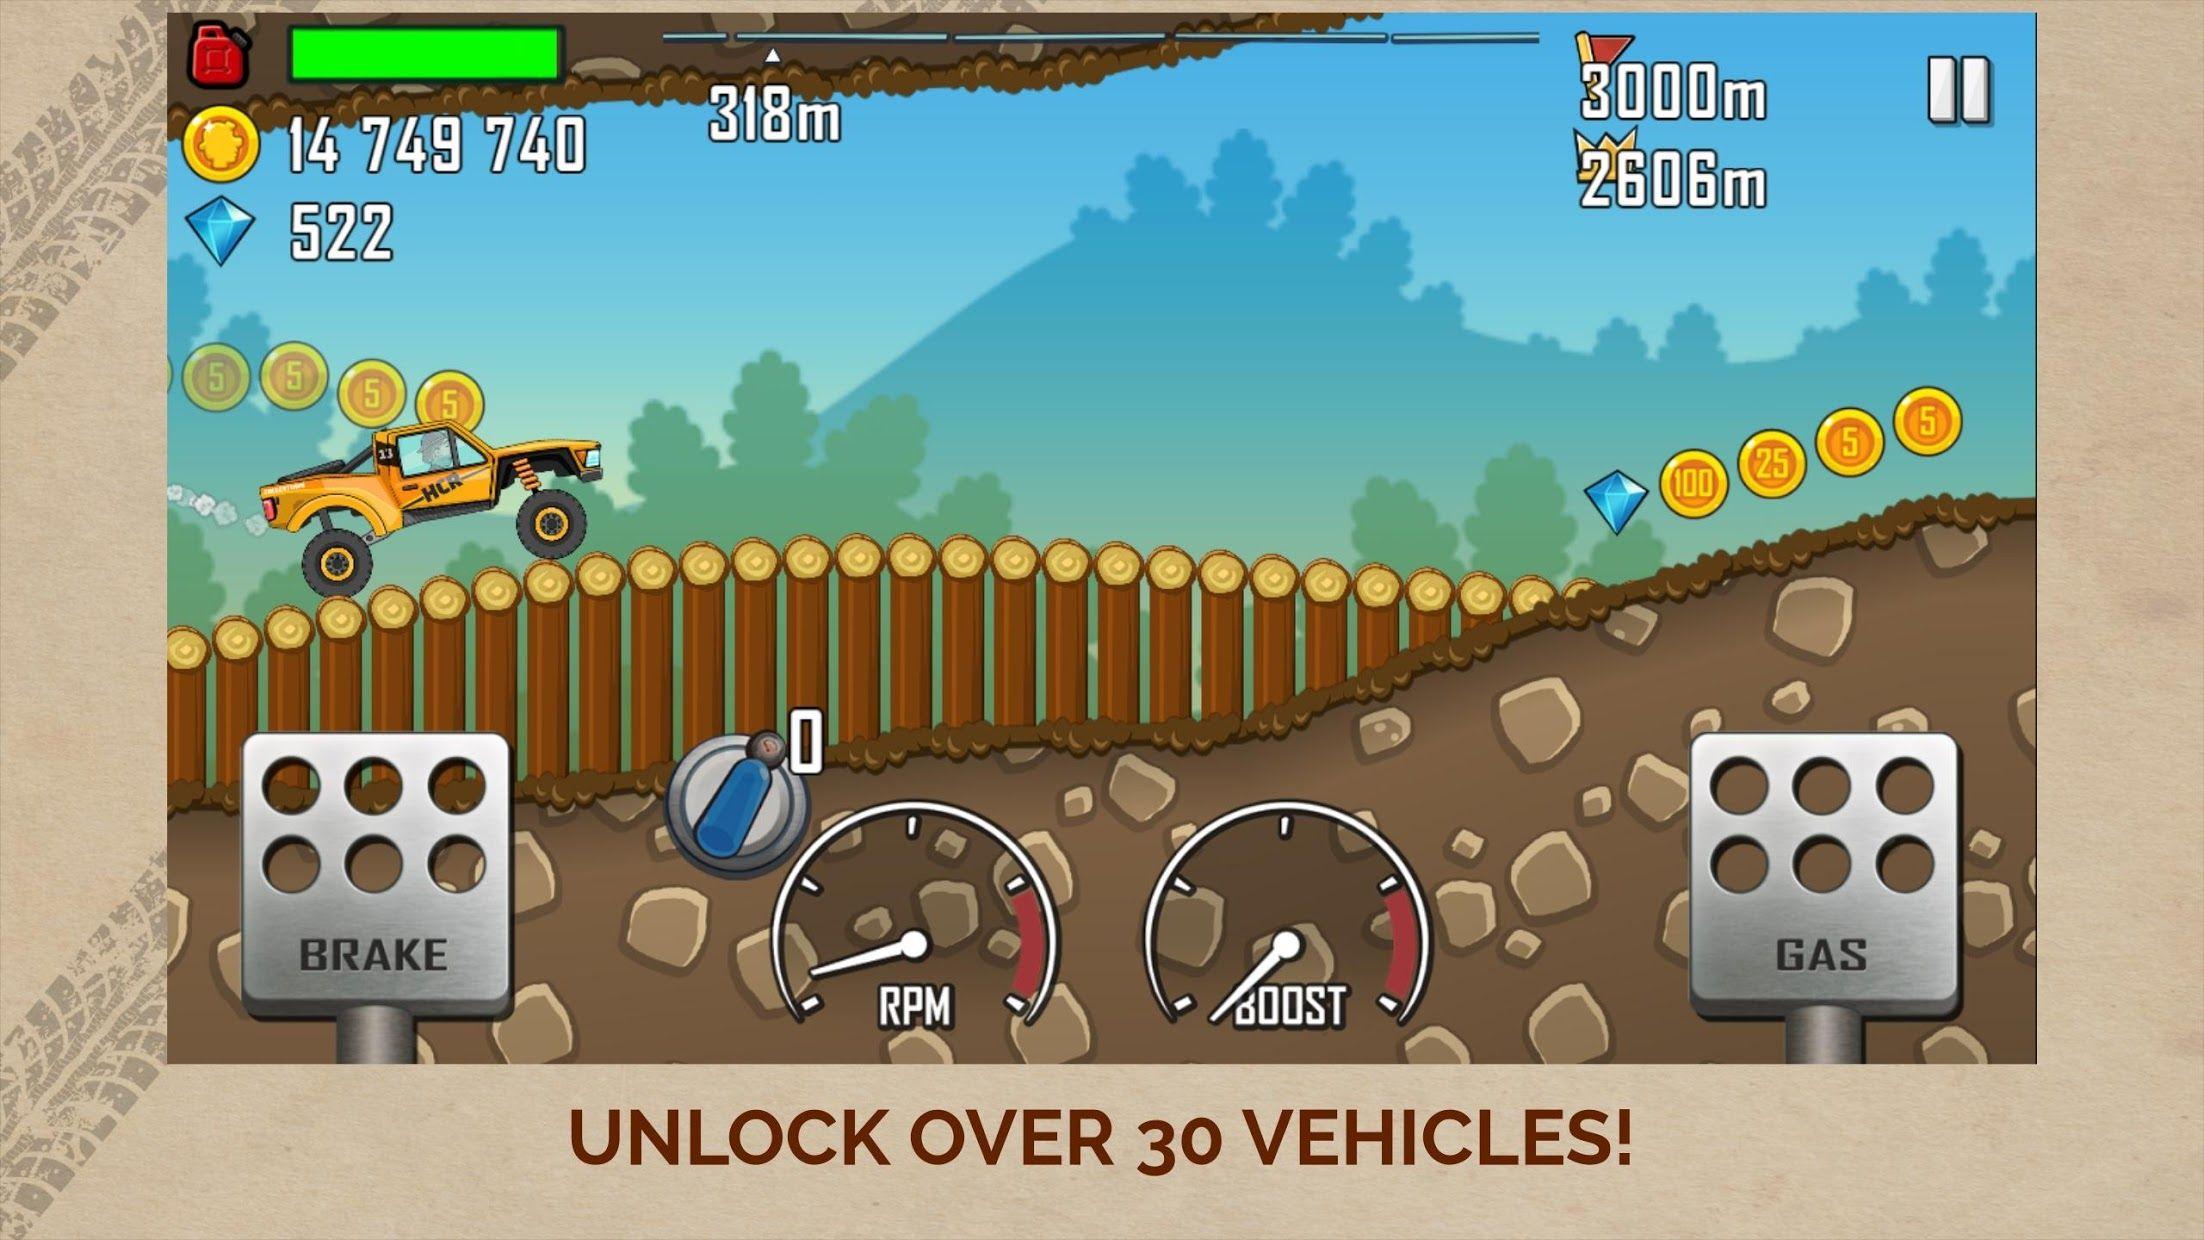 登山赛车 - Hill Climb Racing 游戏截图2